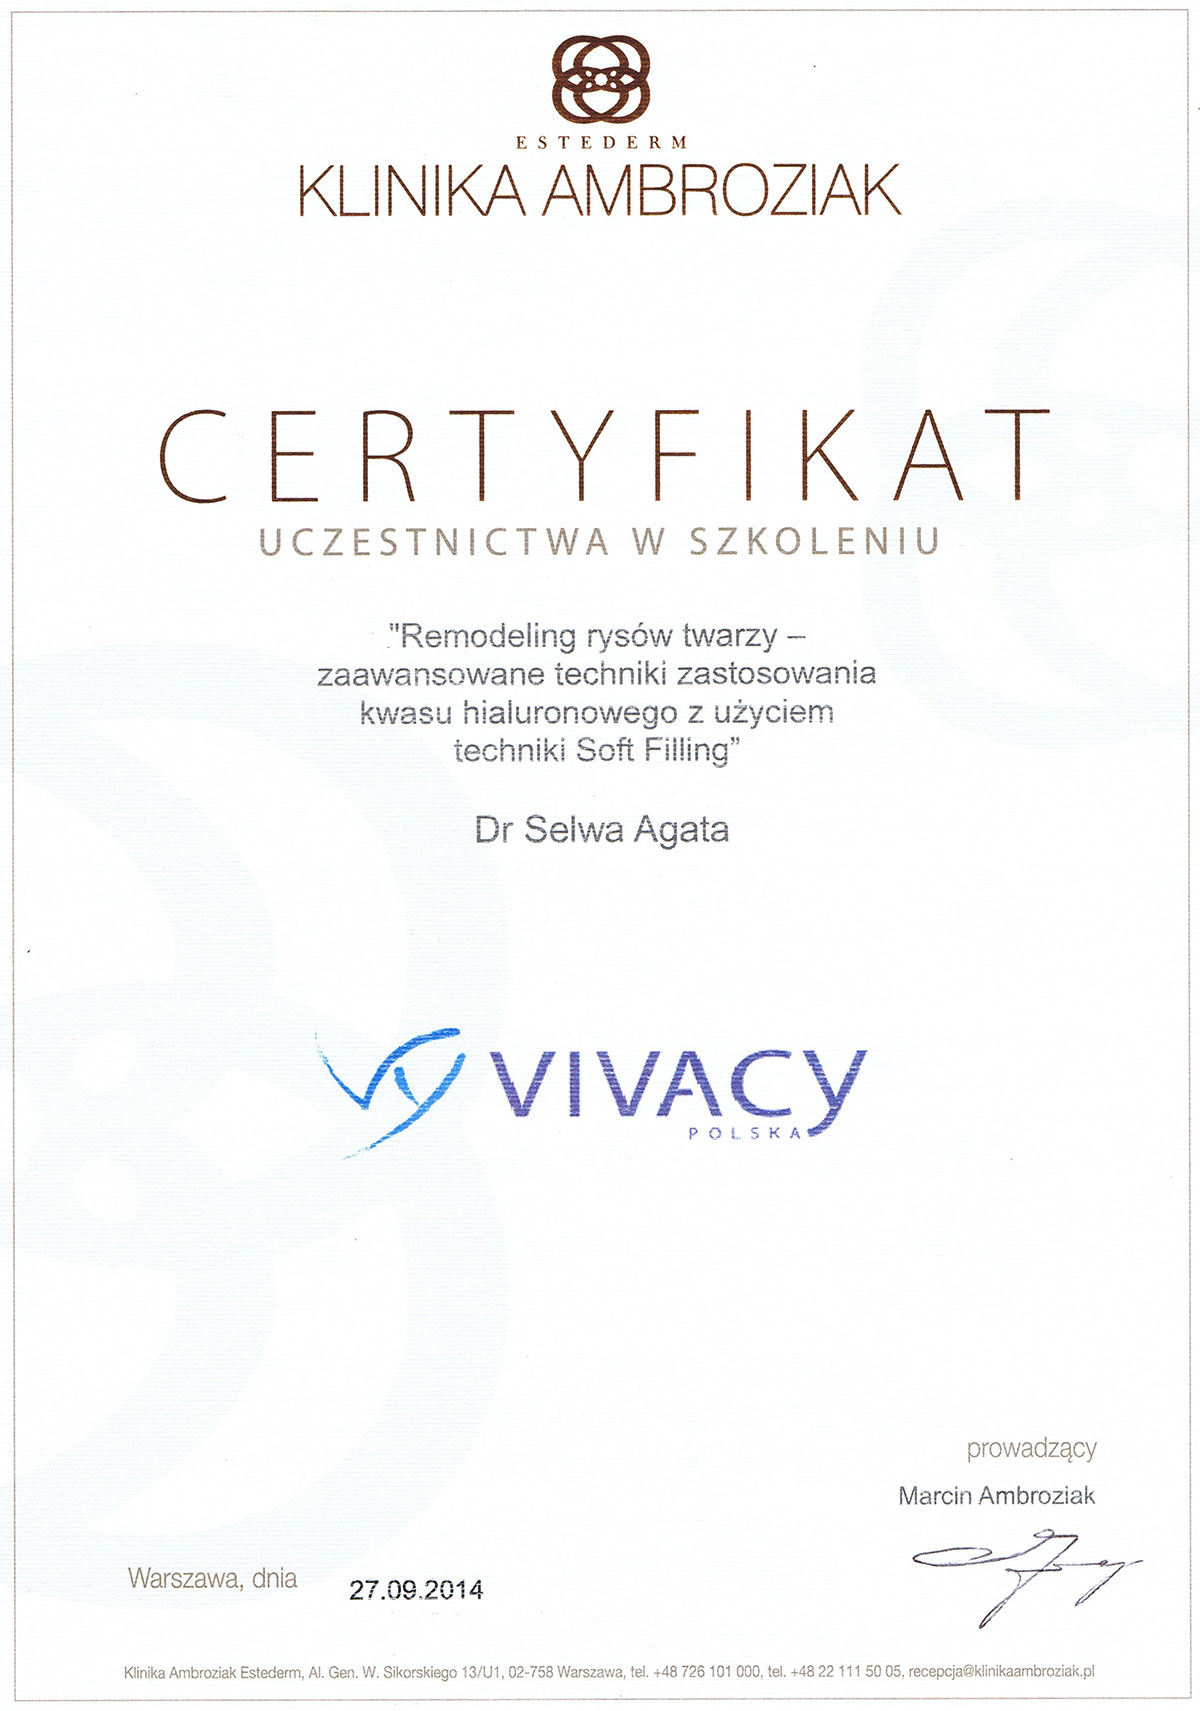 certyfikat remodeling rysów twarzy dr agata selwa